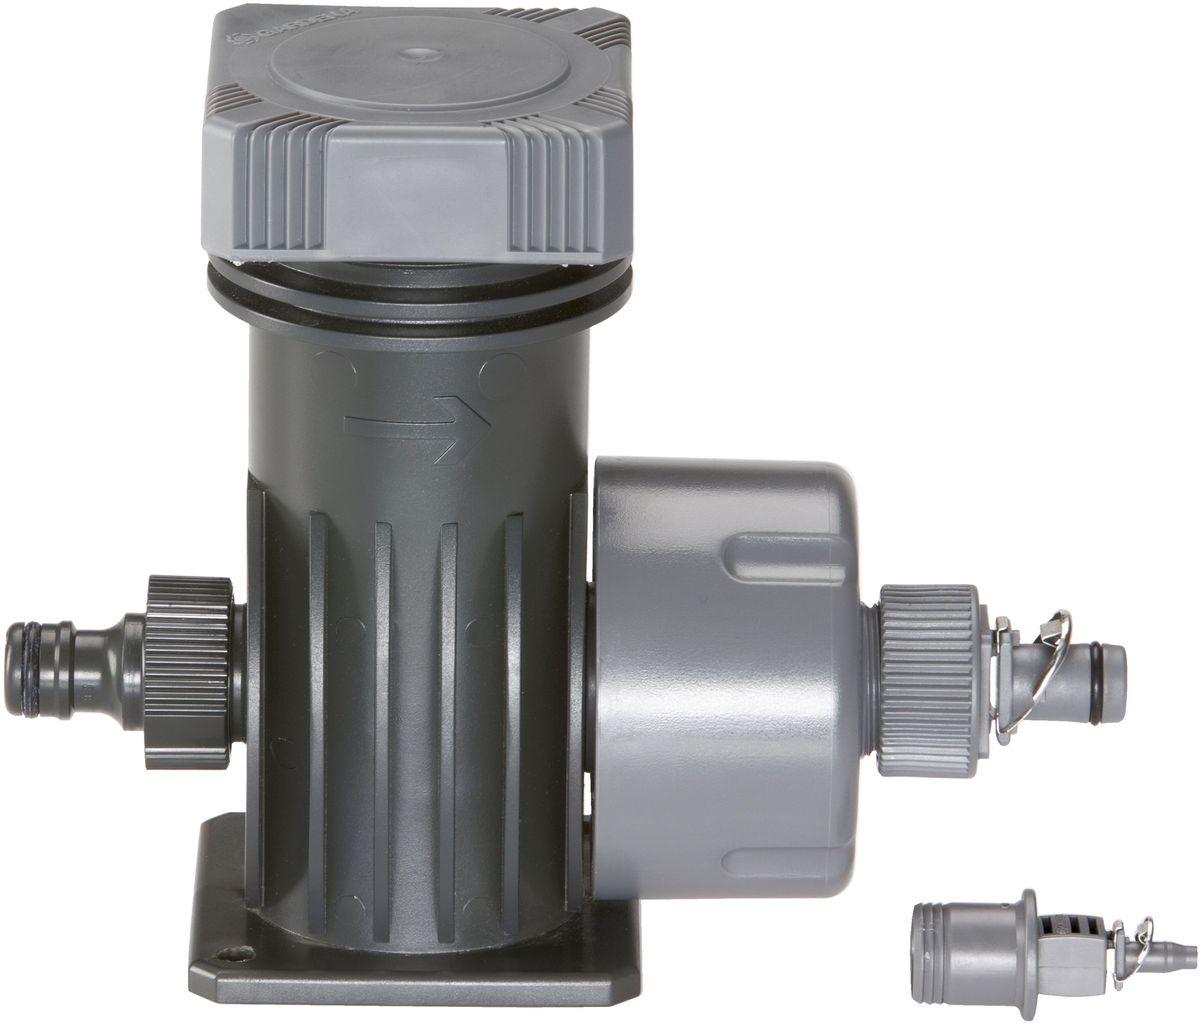 Мастер-блок Gardena, 2000 л/ч01354-20.000.00Мастер-блок Gardena является основным элементом системы микрокапельного полива Gardena Micro-Drip-System. За счет снижения начального давления до рабочего давления (около 1,5 бар) он обеспечивает оптимальную производительность подключенных капельниц и наконечников для полива. Производительность мастер-блока - около 2 000 л/ч. Фильтр высокой эффективности обеспечивает оптимальную фильтрацию воды. Мастер-блок снабжен всеми необходимыми соединителями. Благодаря патентованной технологии быстрого подсоединения Quick & Easy, установка мастер-блока чрезвычайно проста.